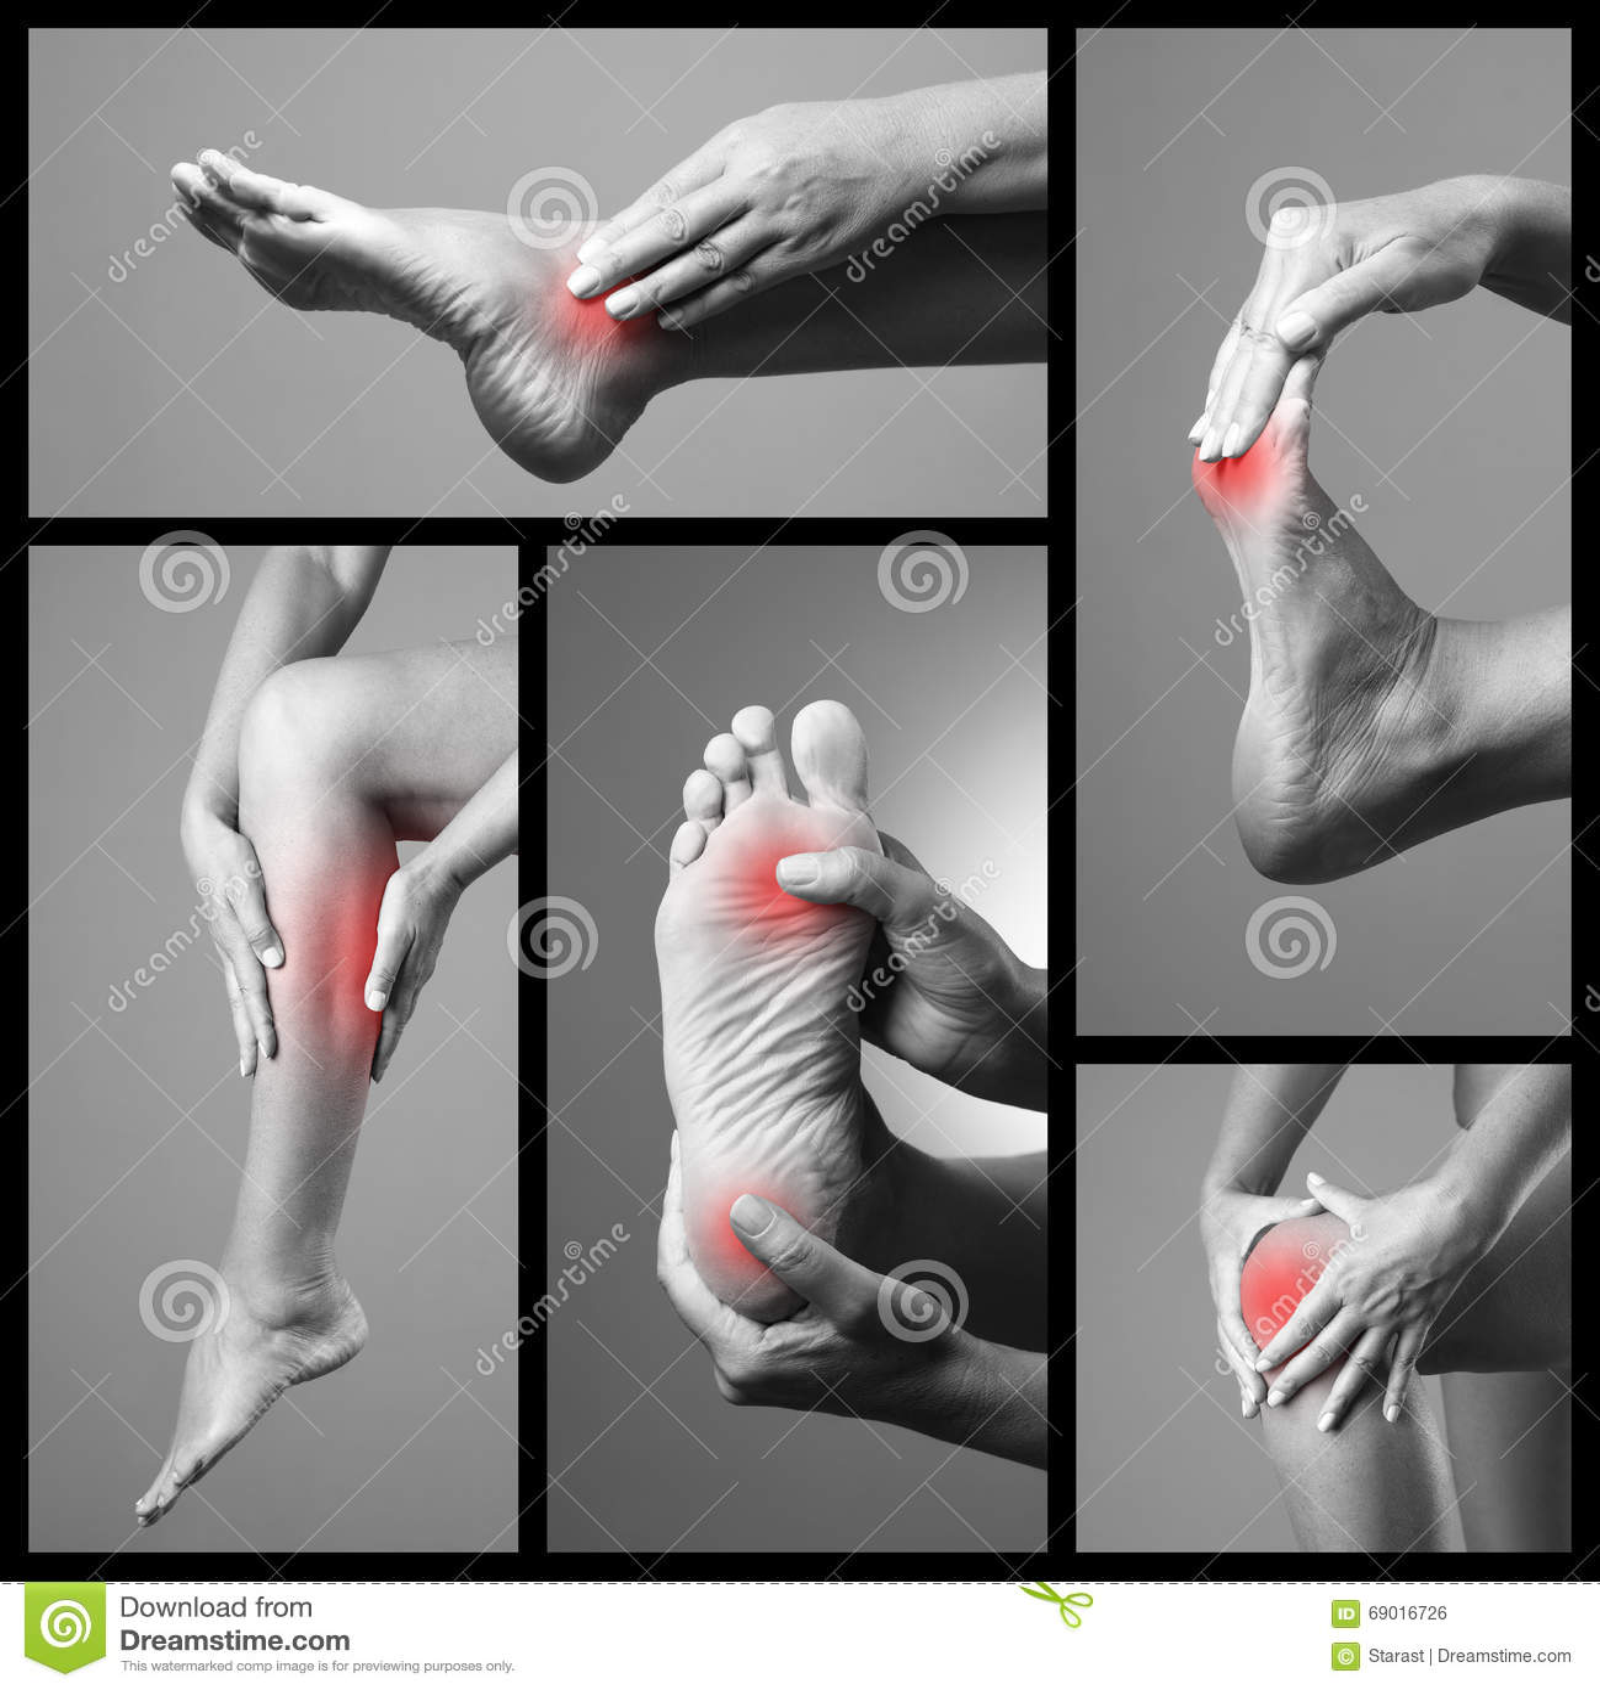 痛苦在脚 女性脚按摩 在妇女腿的痛处 痛苦在灰色背景的人体 身体局部o拼贴画